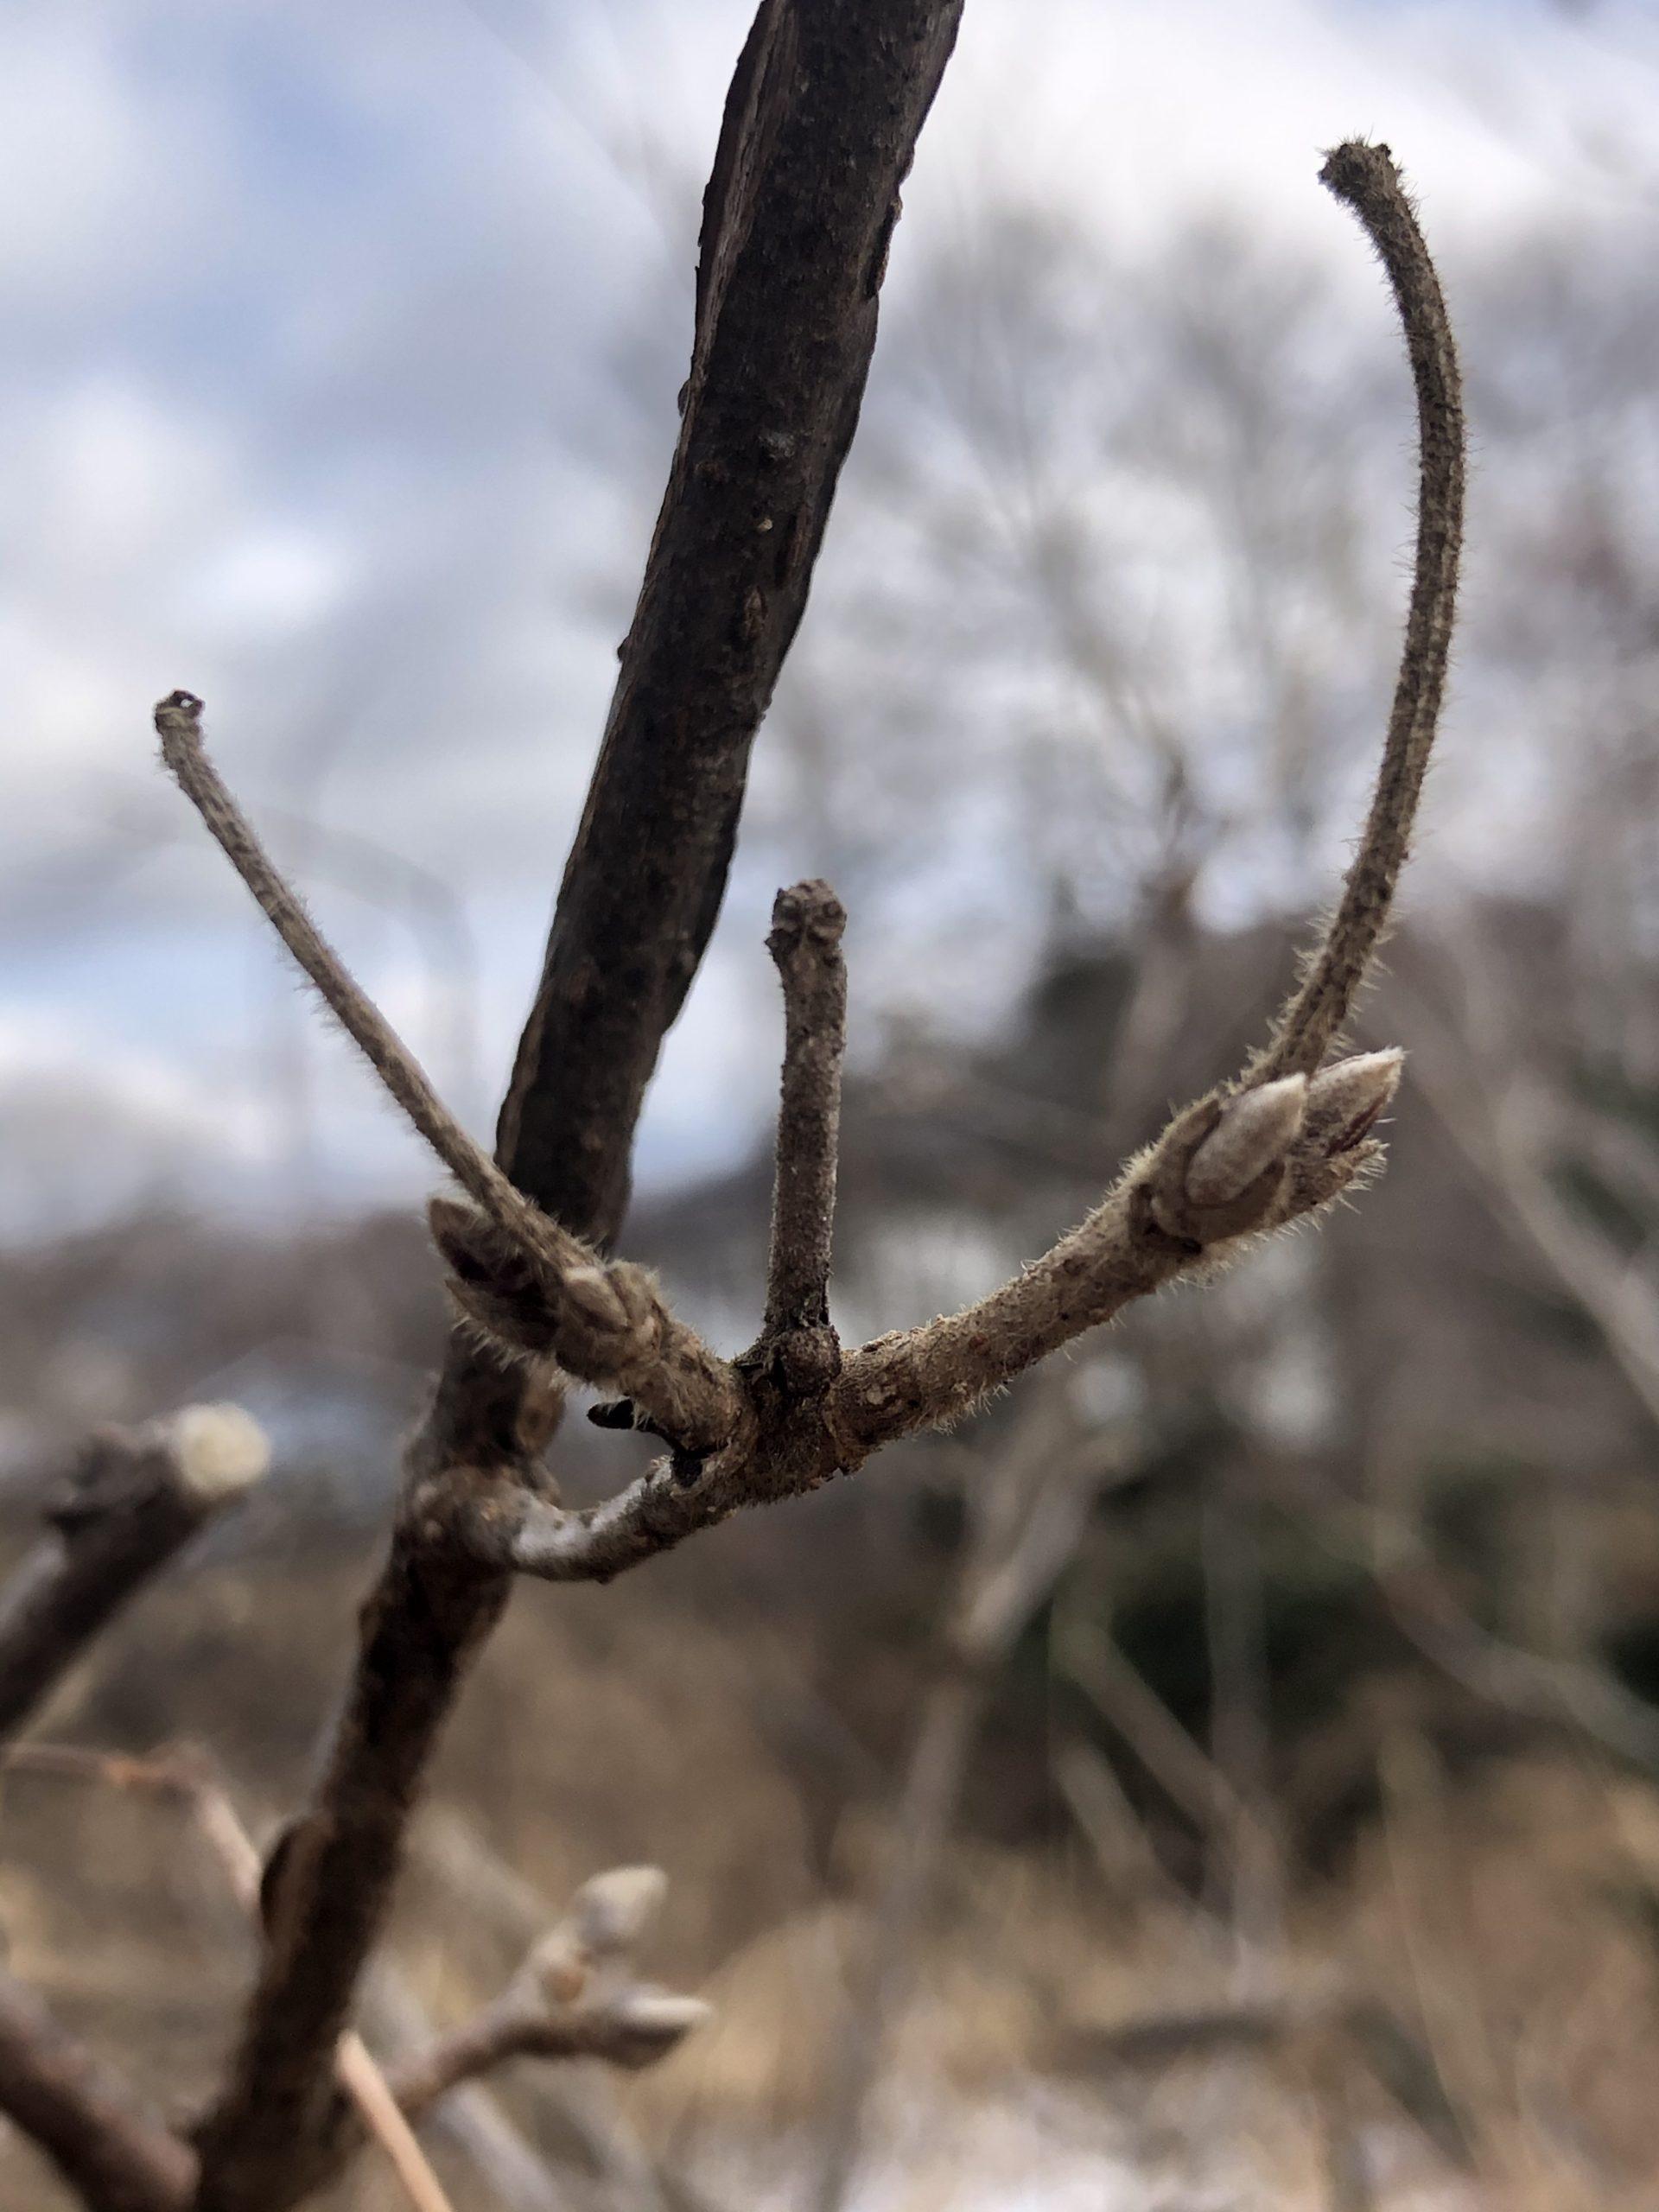 八ヶ岳 里山 木の芽 冬